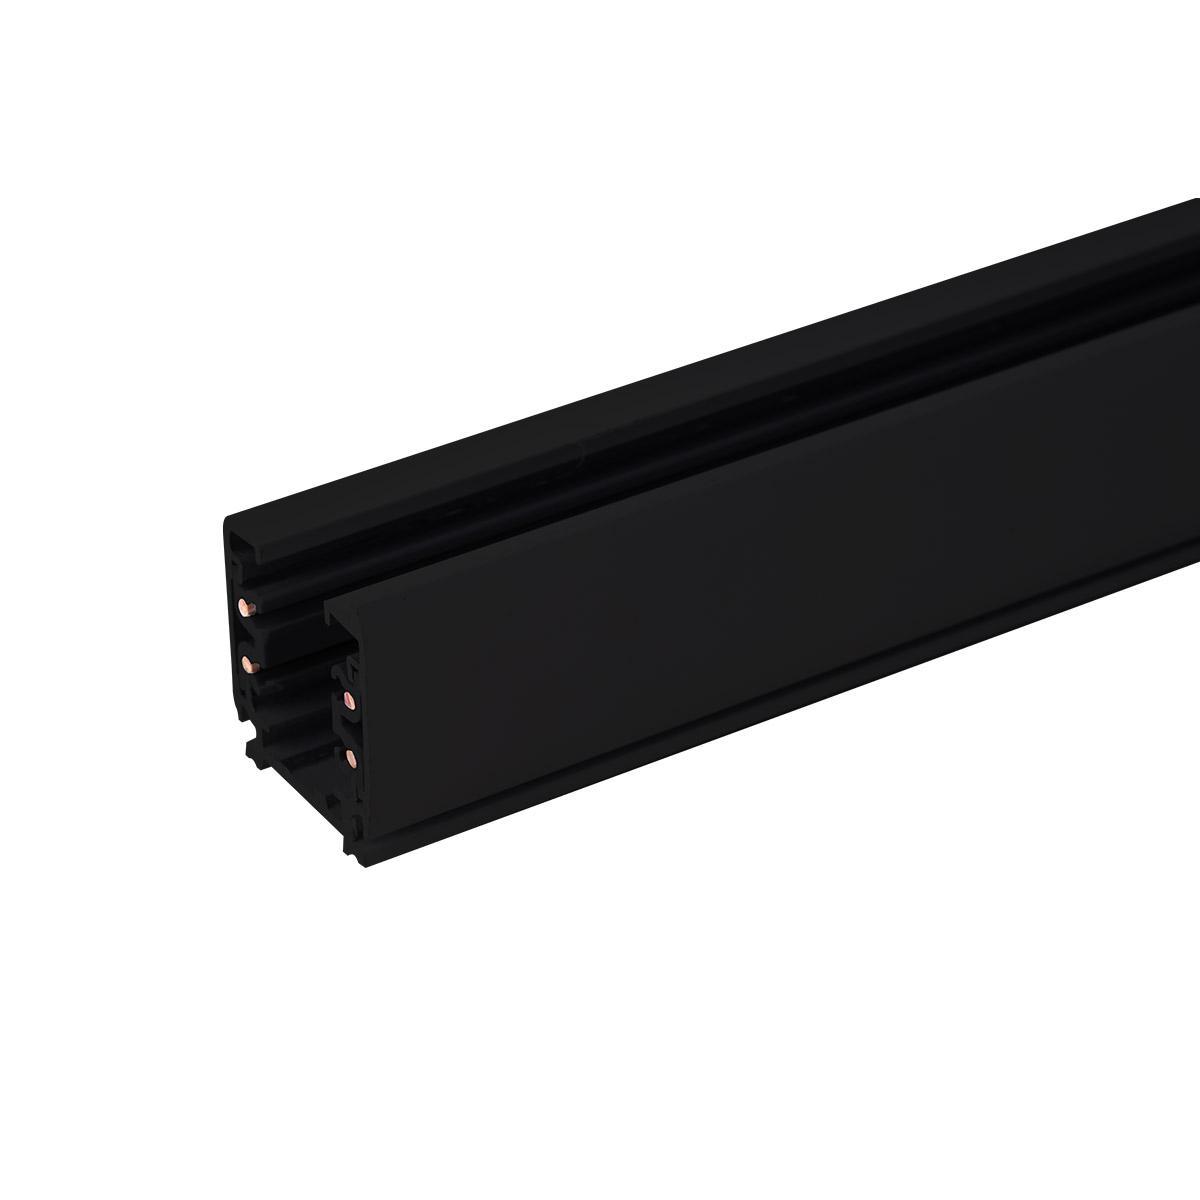 TRL-1-3-200-BK / Трехфазный шинопровод черный (2м.)